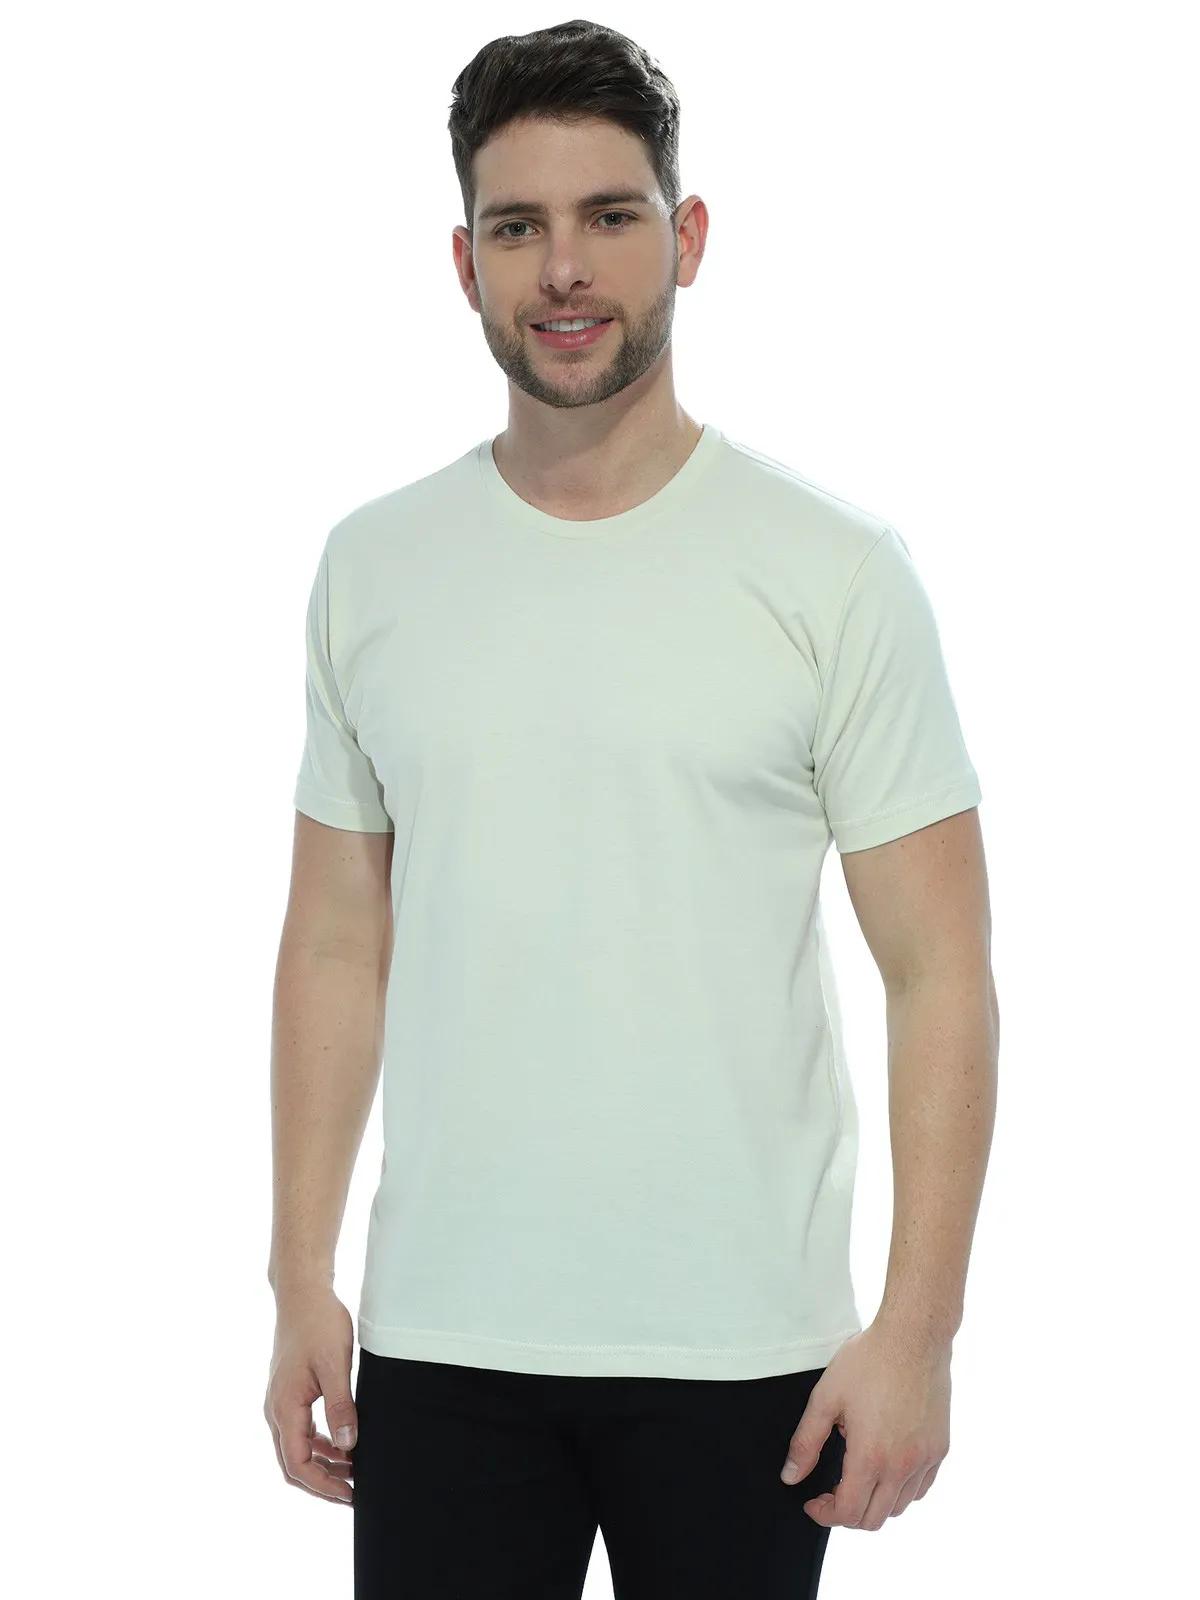 Camiseta Masculina Algodão Manga Curta Básica Lisa Areia